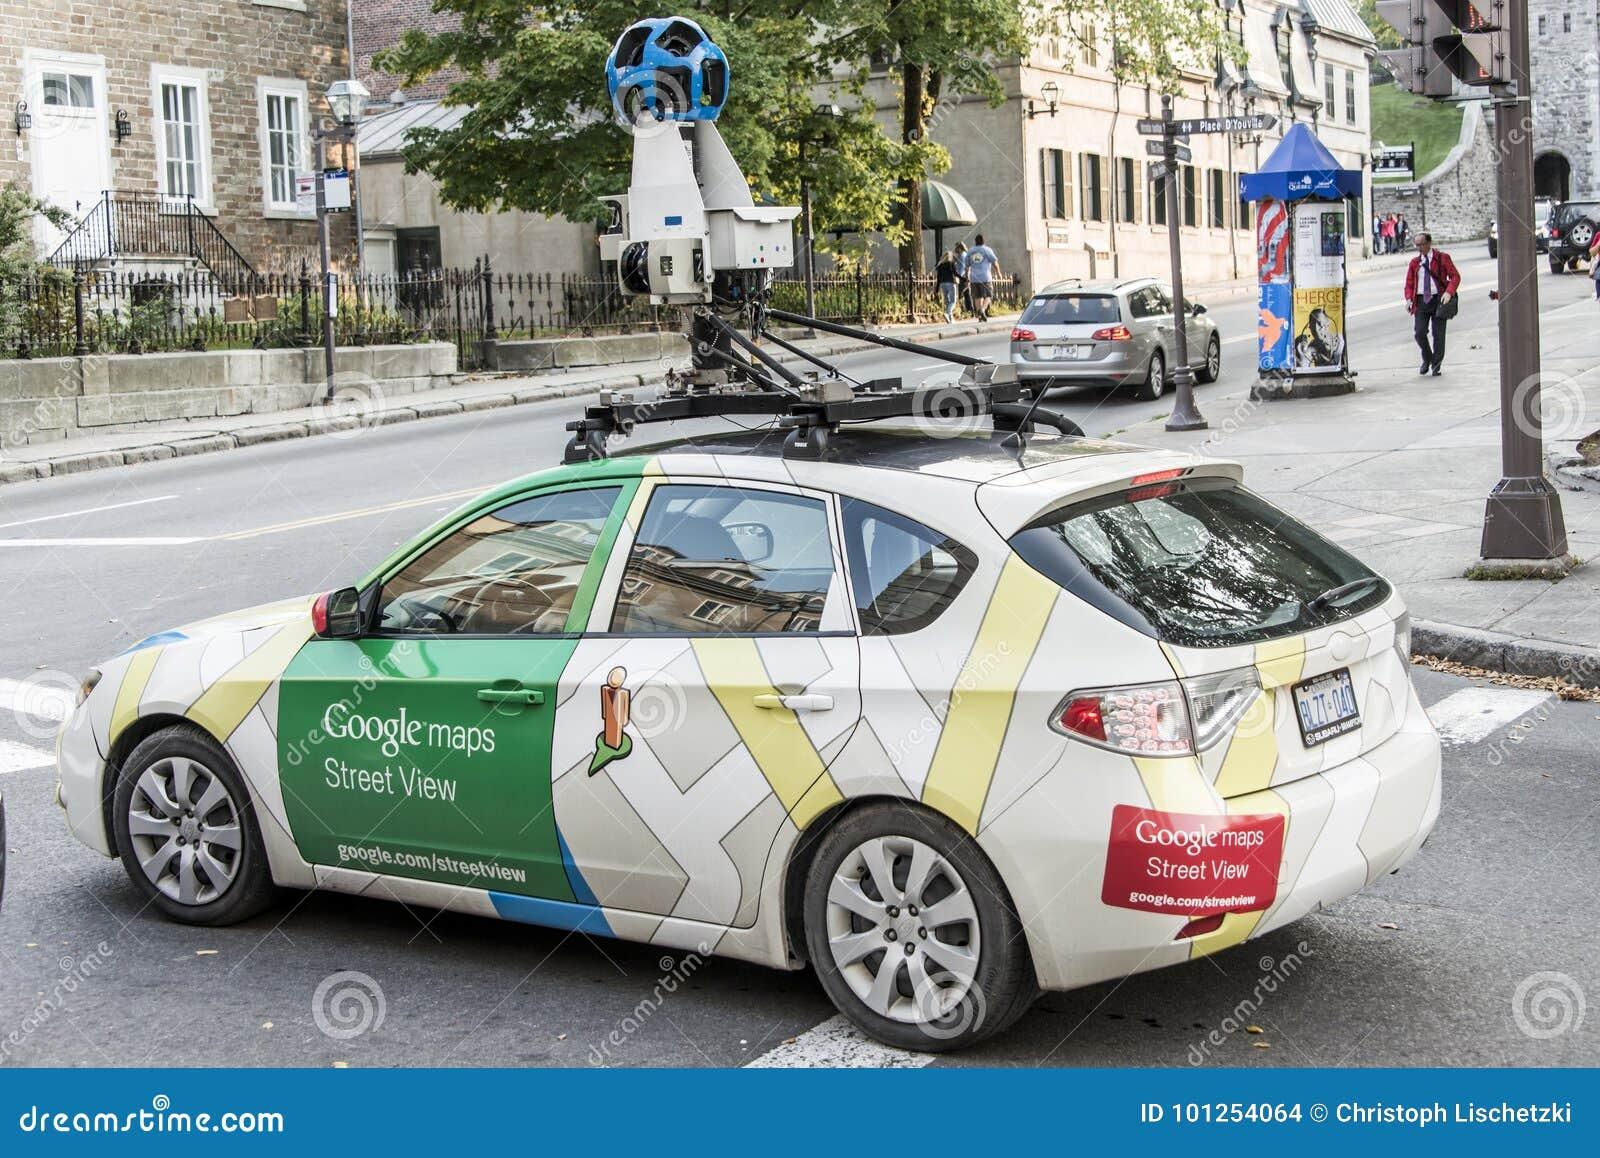 Quebec City Kanada 11 09 Gator 2017 för bil för medel för Google gatasikt apping genom hela centret av Quebec